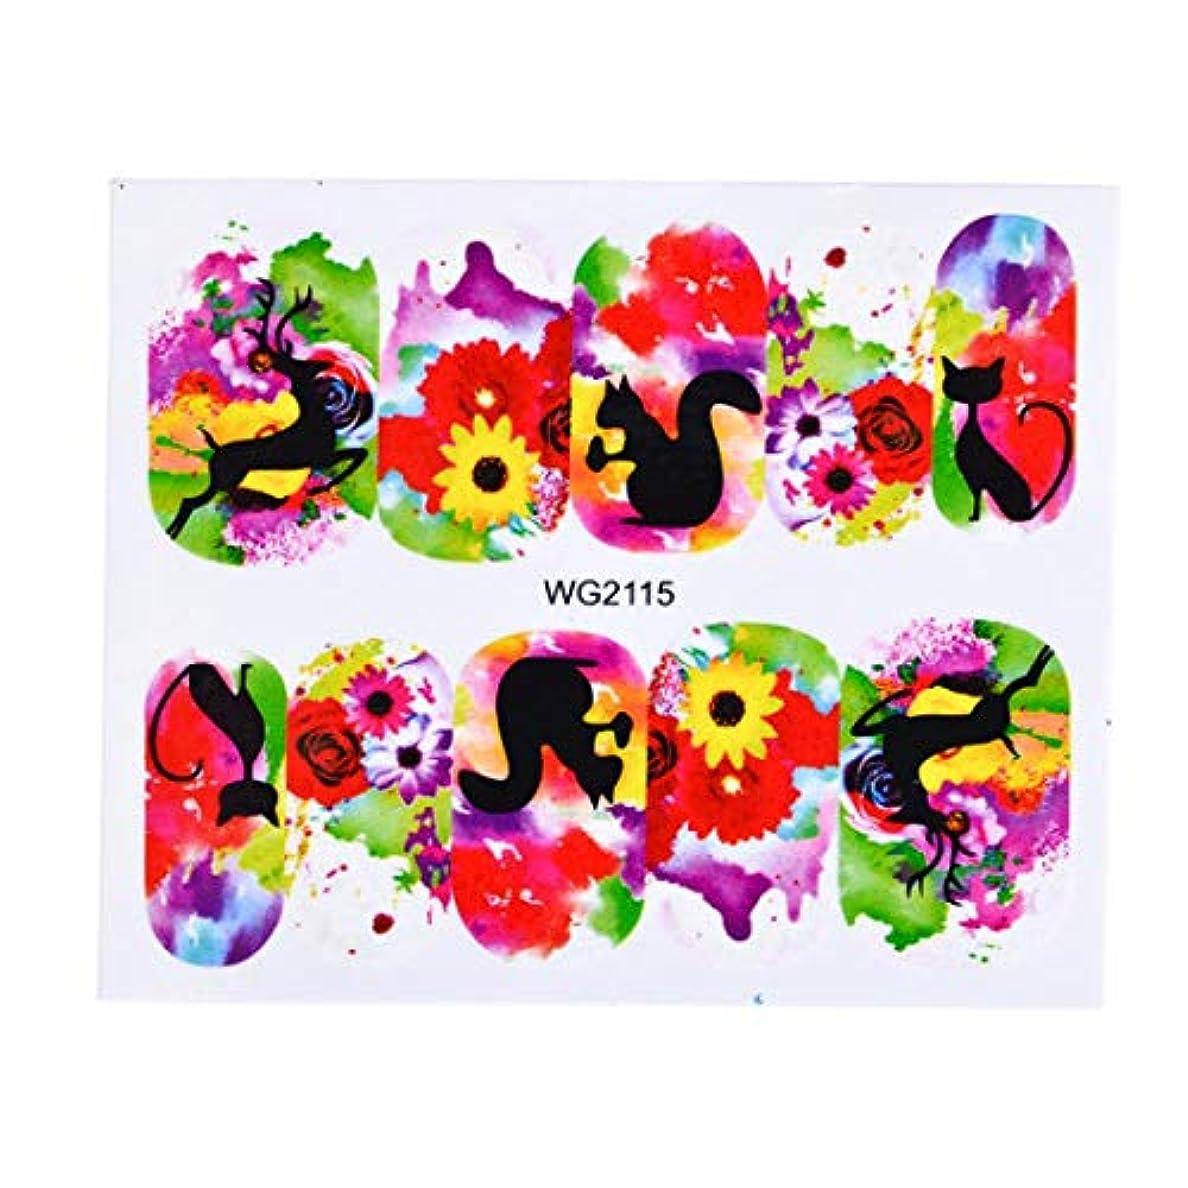 SUKTI&XIAO ネイルステッカー 1枚の花のスライダーの水移動のステッカーの釘の芸術のピンクのばらの花のステッカーの女性の美の構造は釘の装飾、Wg2115を覆います